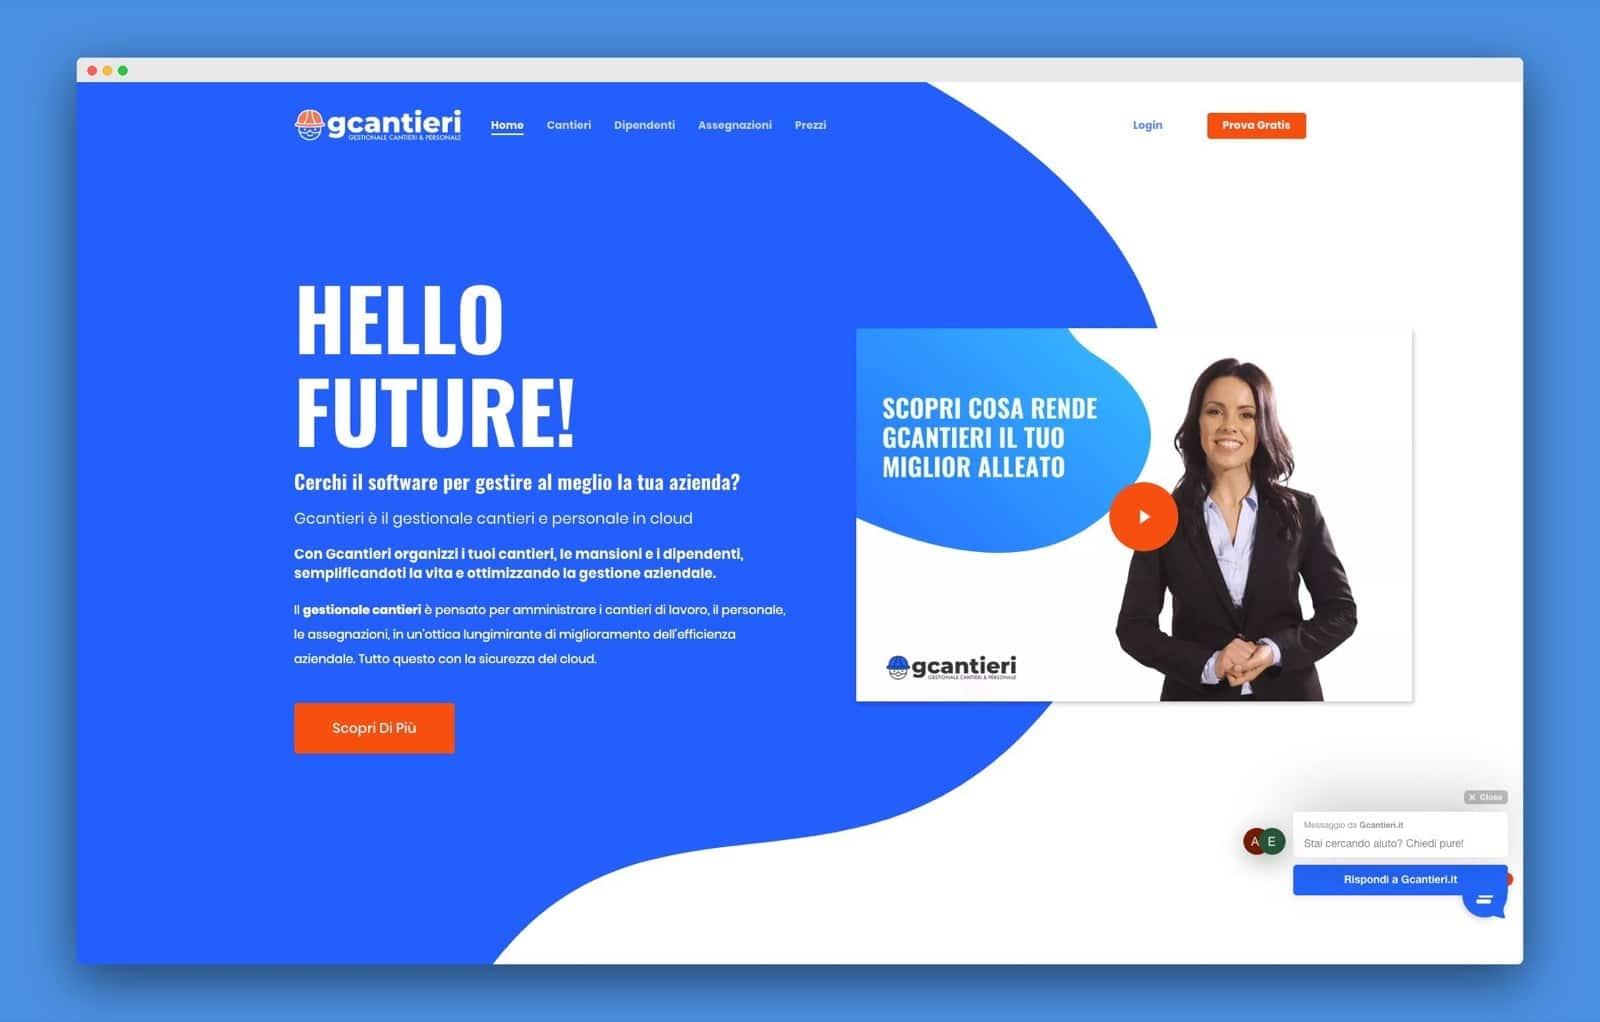 teroro progetto gcantieri realizzazione sito internet - Gcantieri - Gestionale Cantieri e Personale